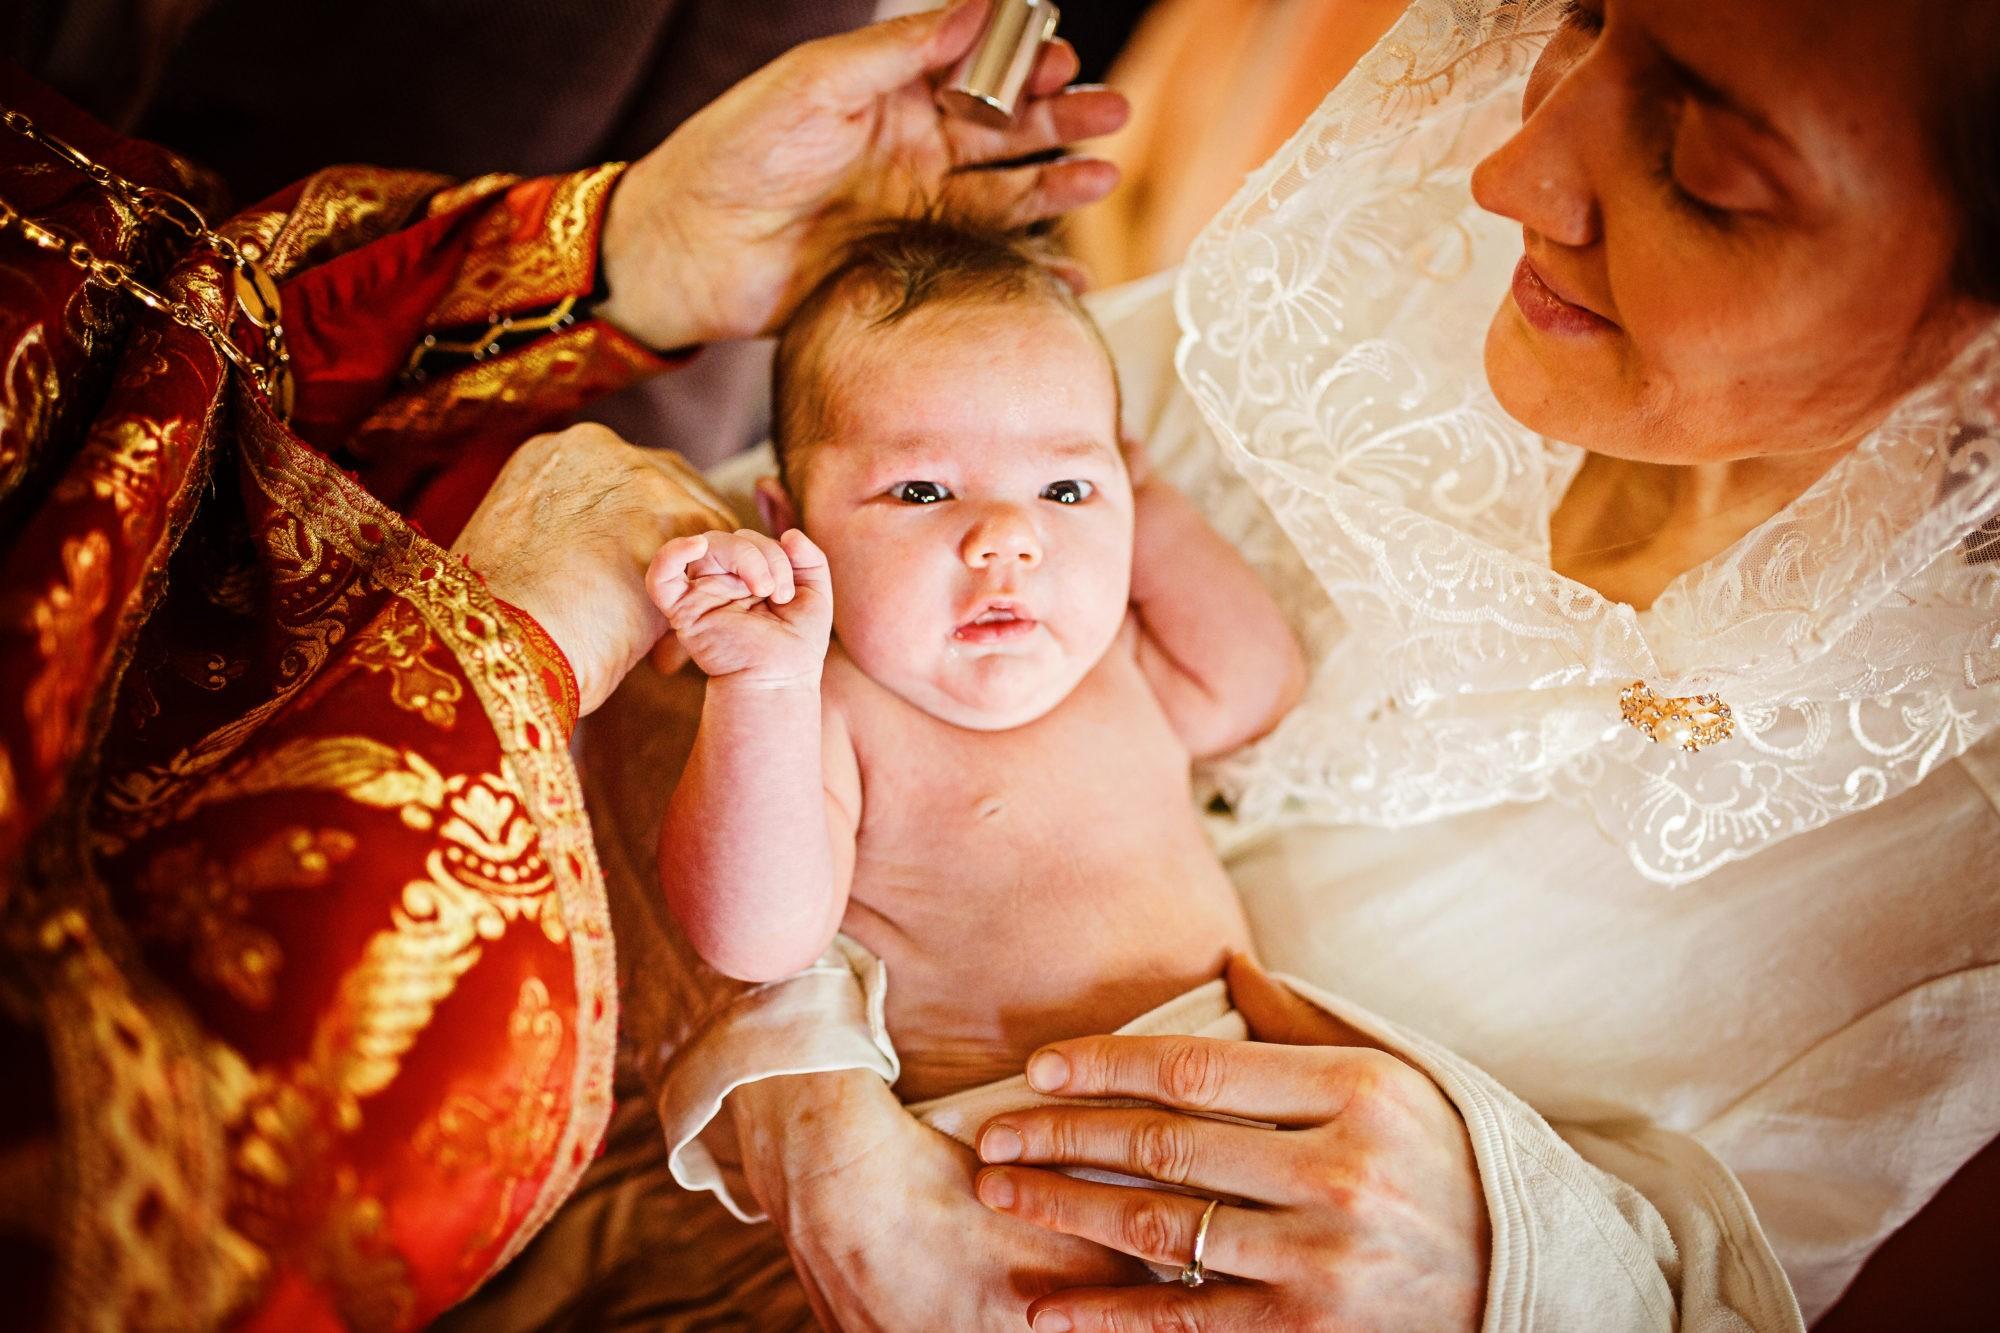 Крещение. Как выбрать фотографа?